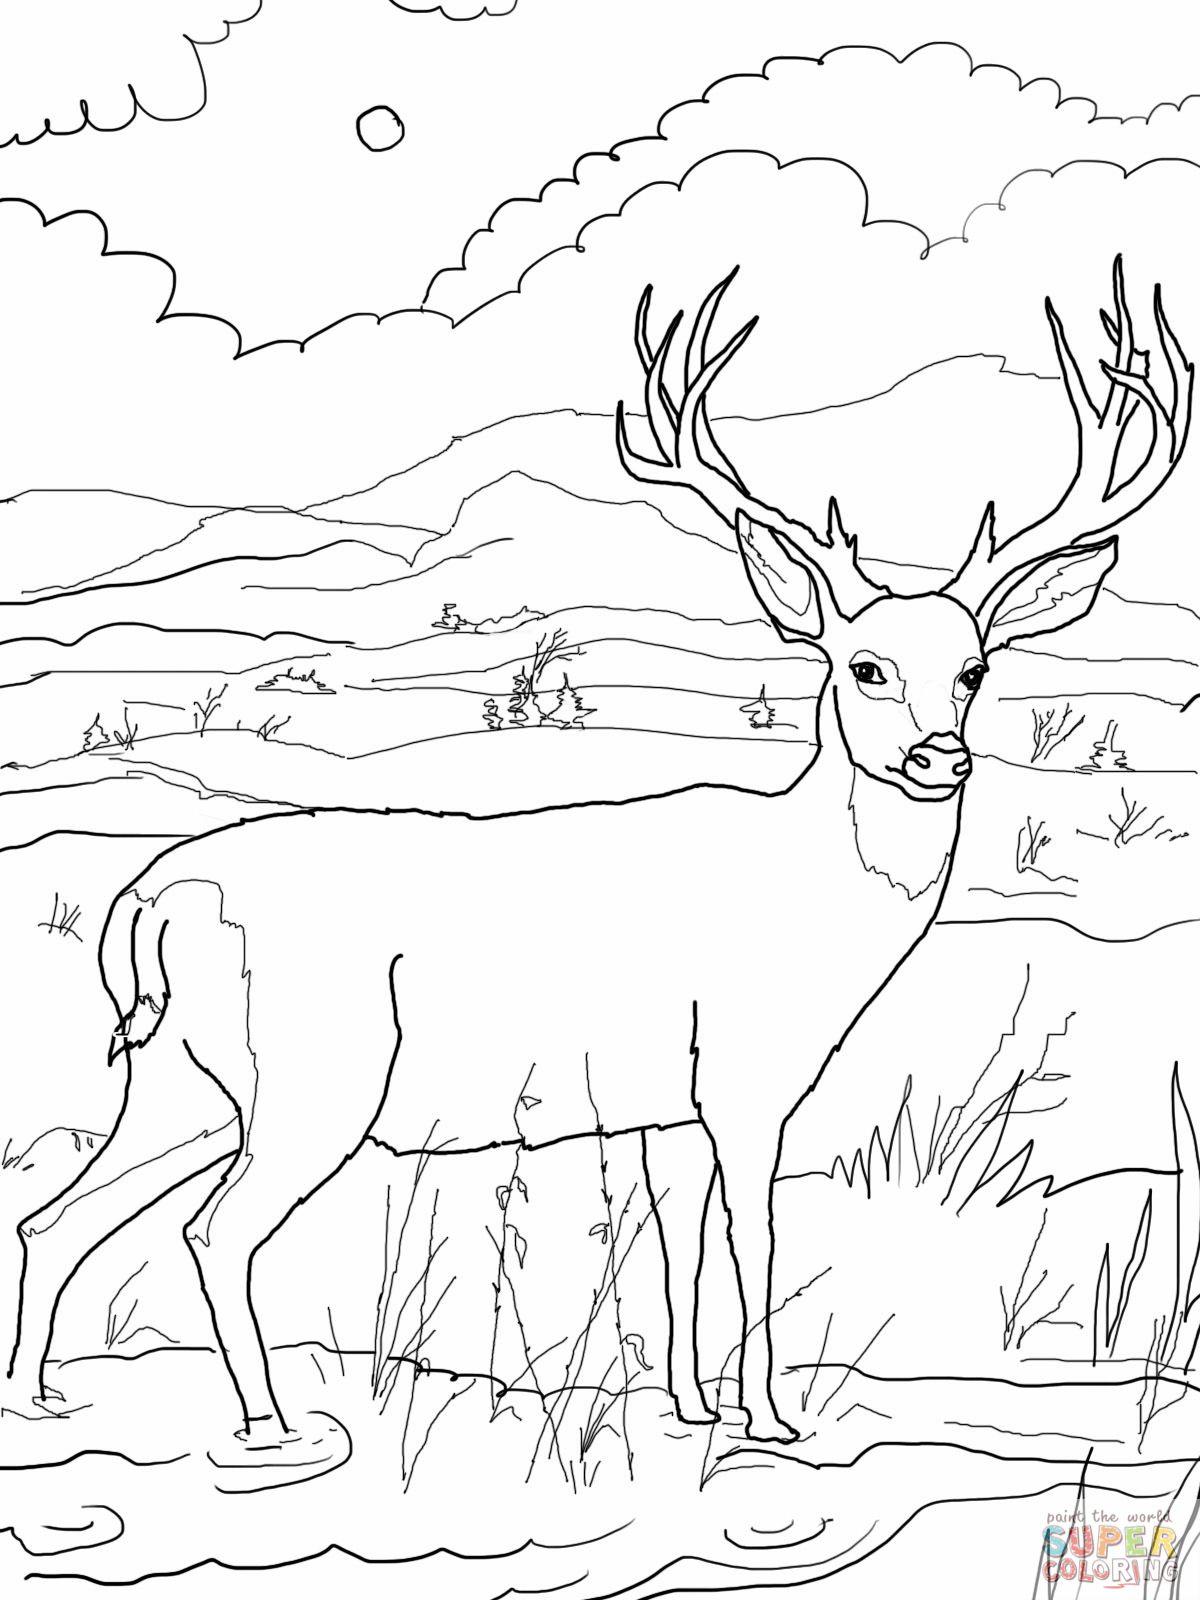 Deer Coloring Pages Blacktail Mule Deer Coloring Online Super